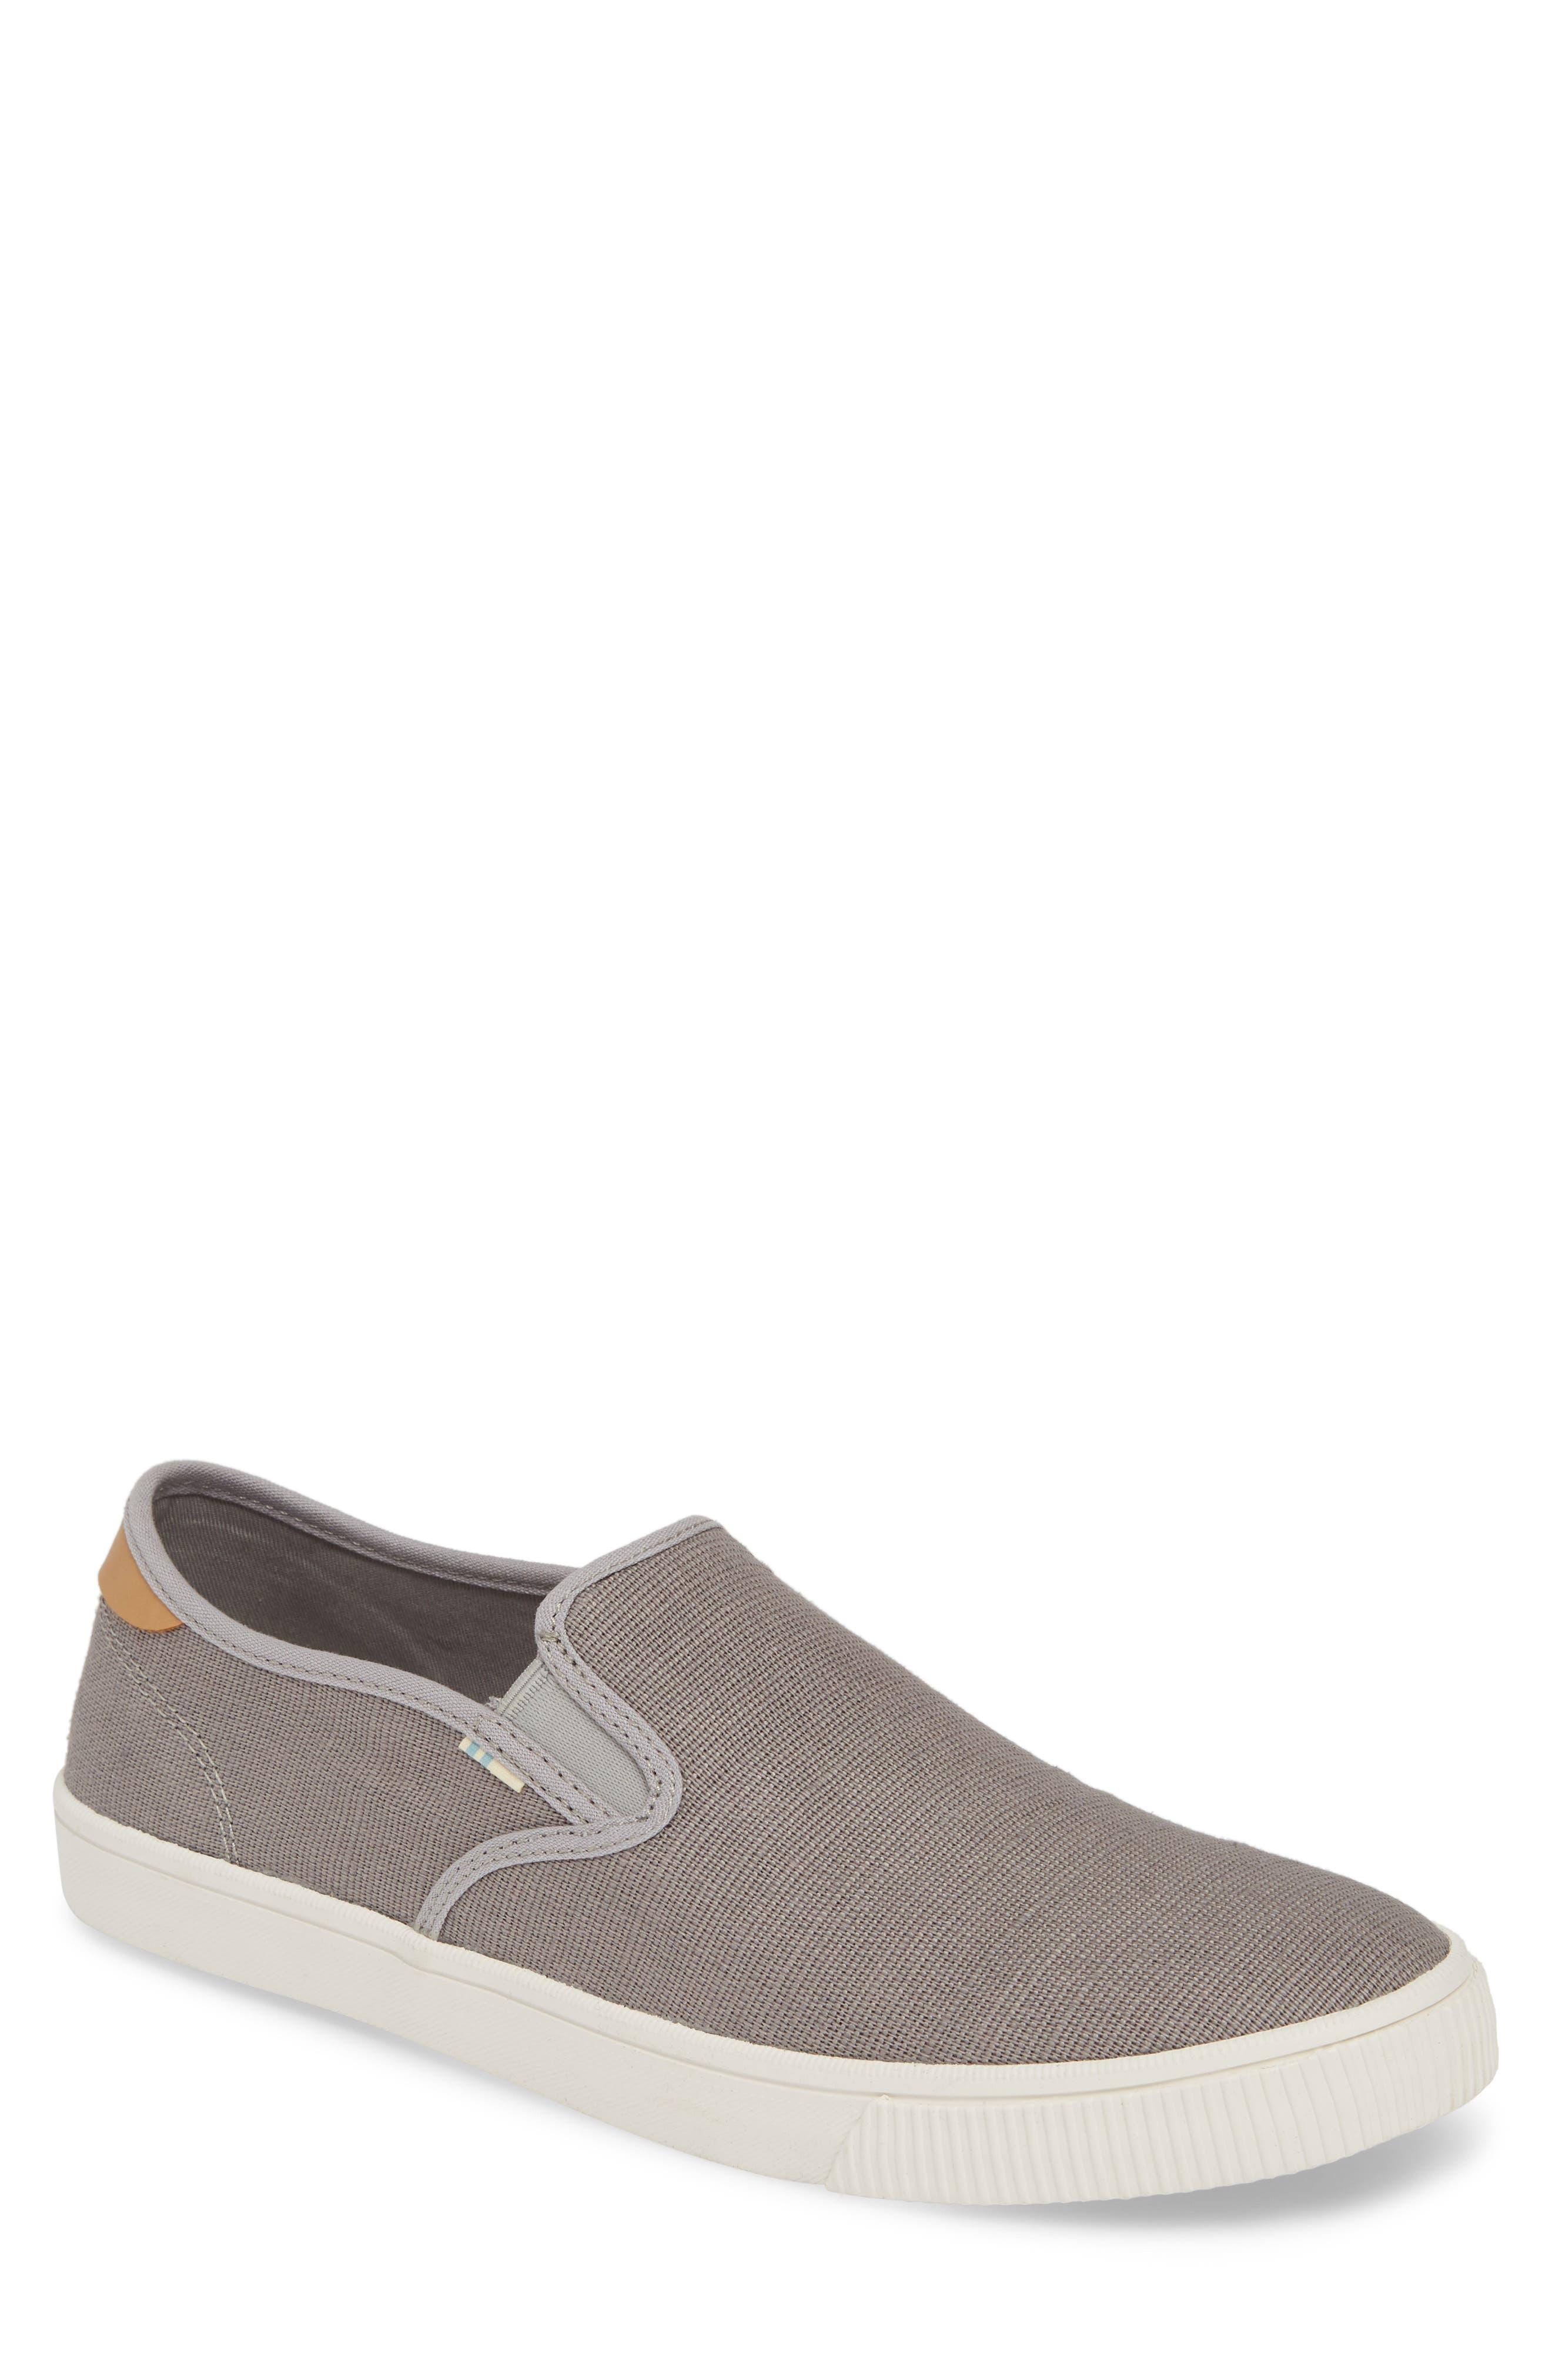 Toms Baja Slip-On- Grey